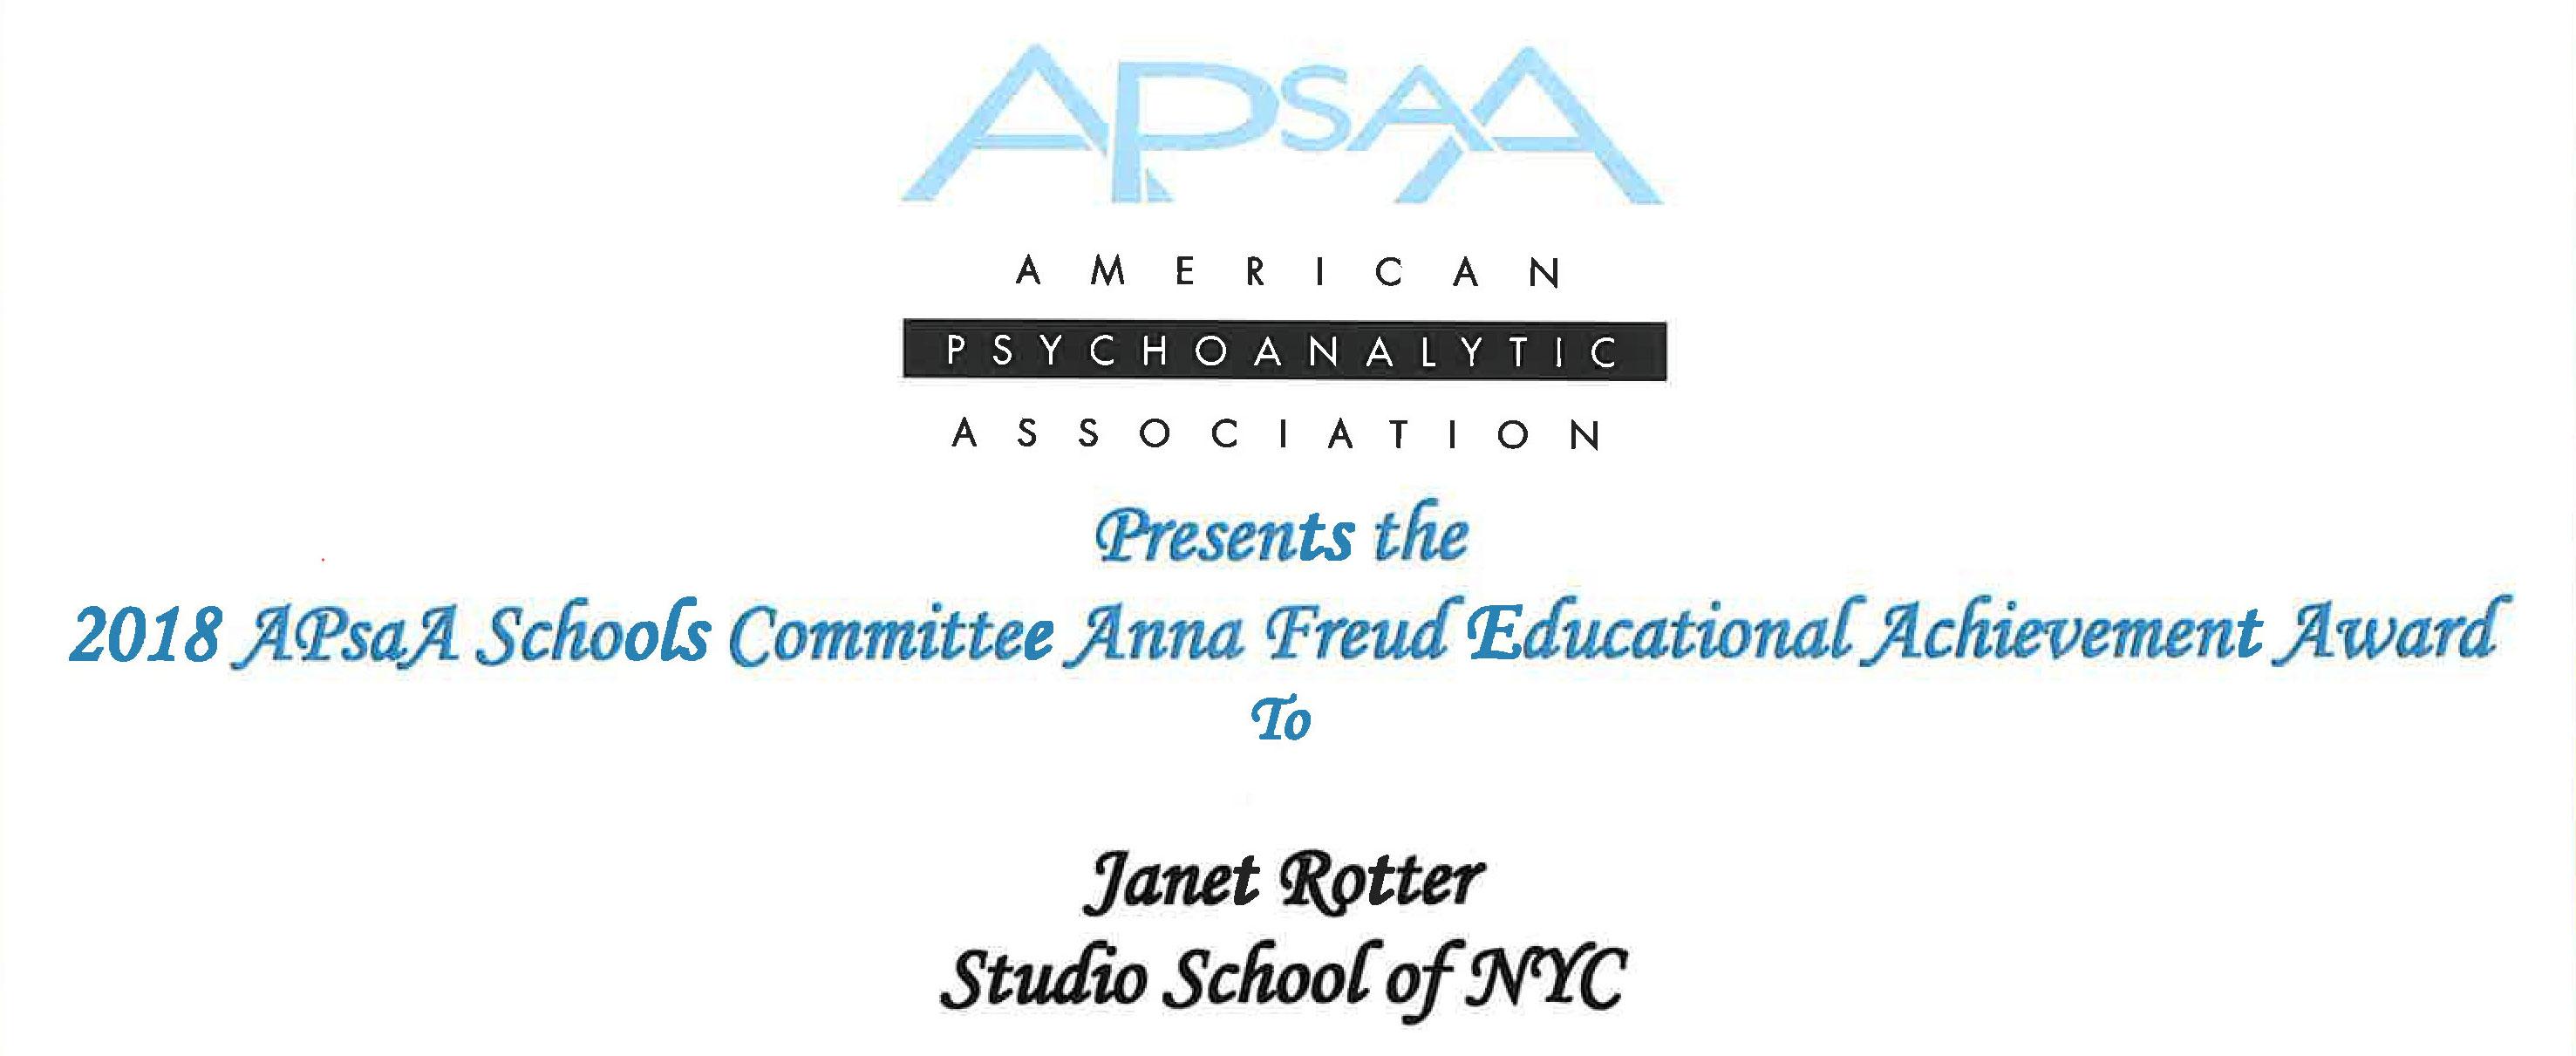 APSAA Award